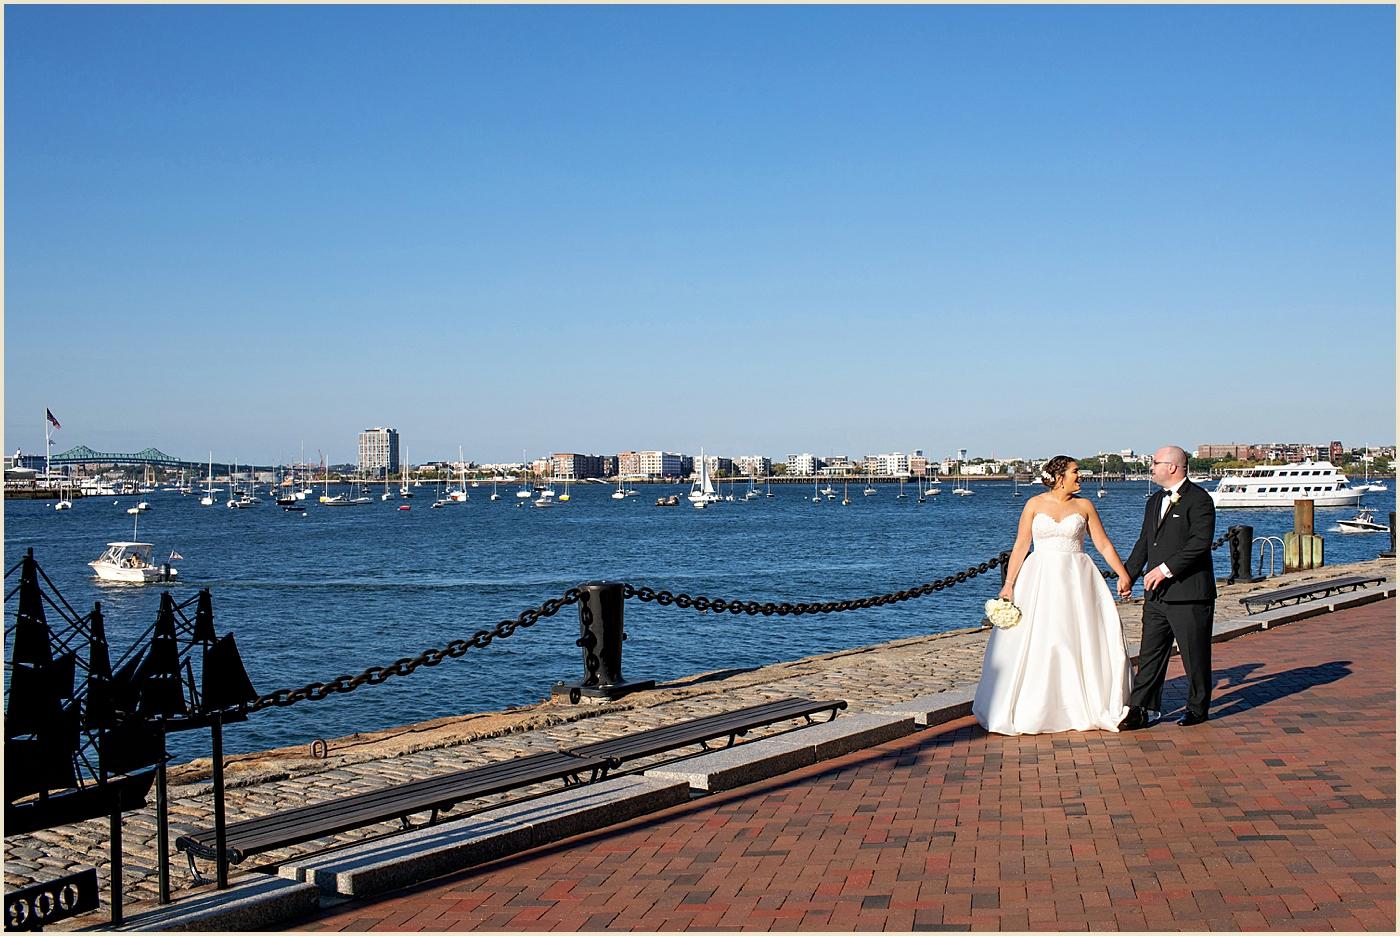 Fan Pier Boston Seaport Wedding